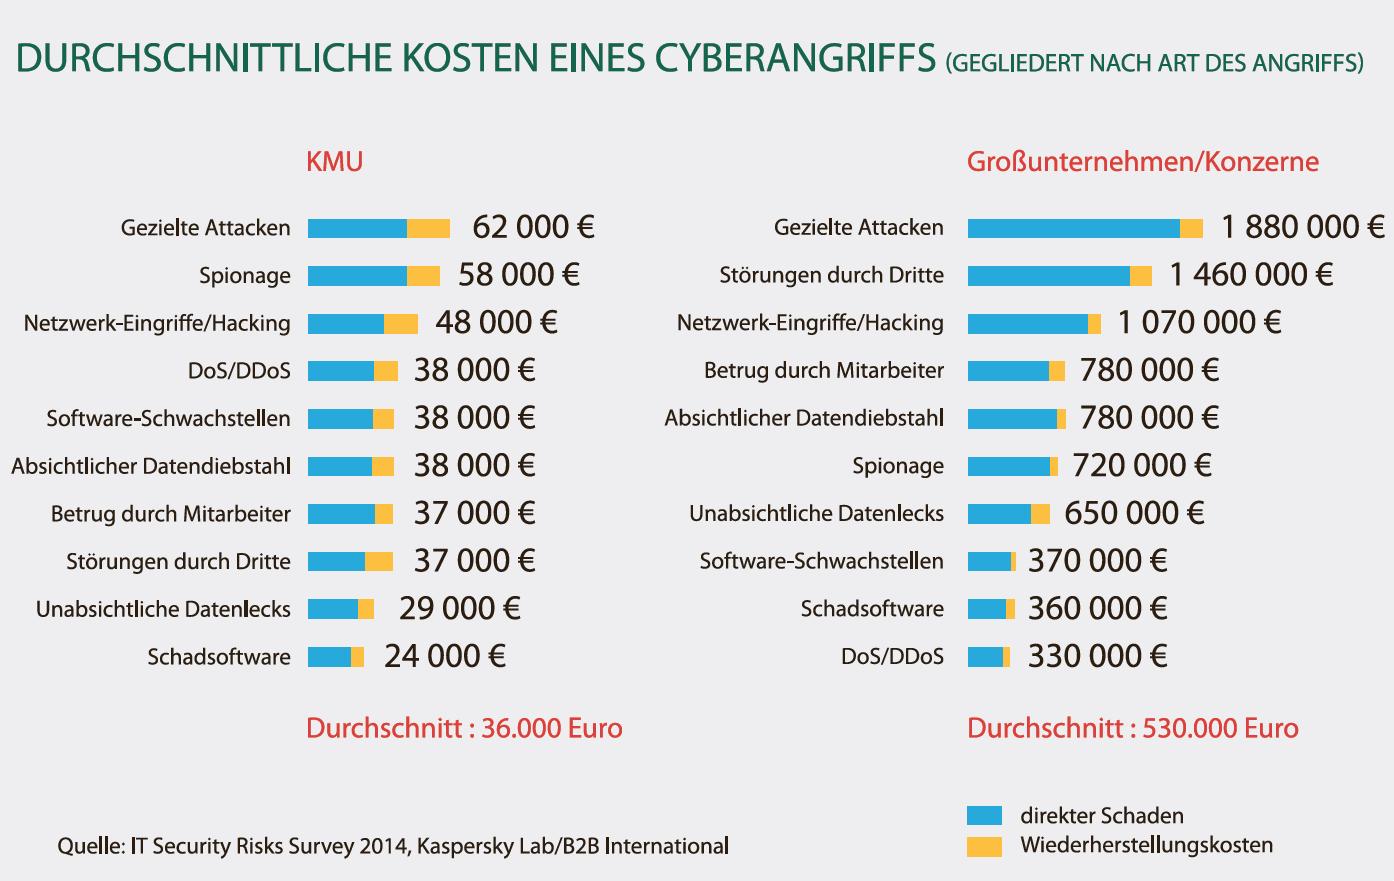 Grafik zu durchschnittlichen Kosten eines Cyberangriffs